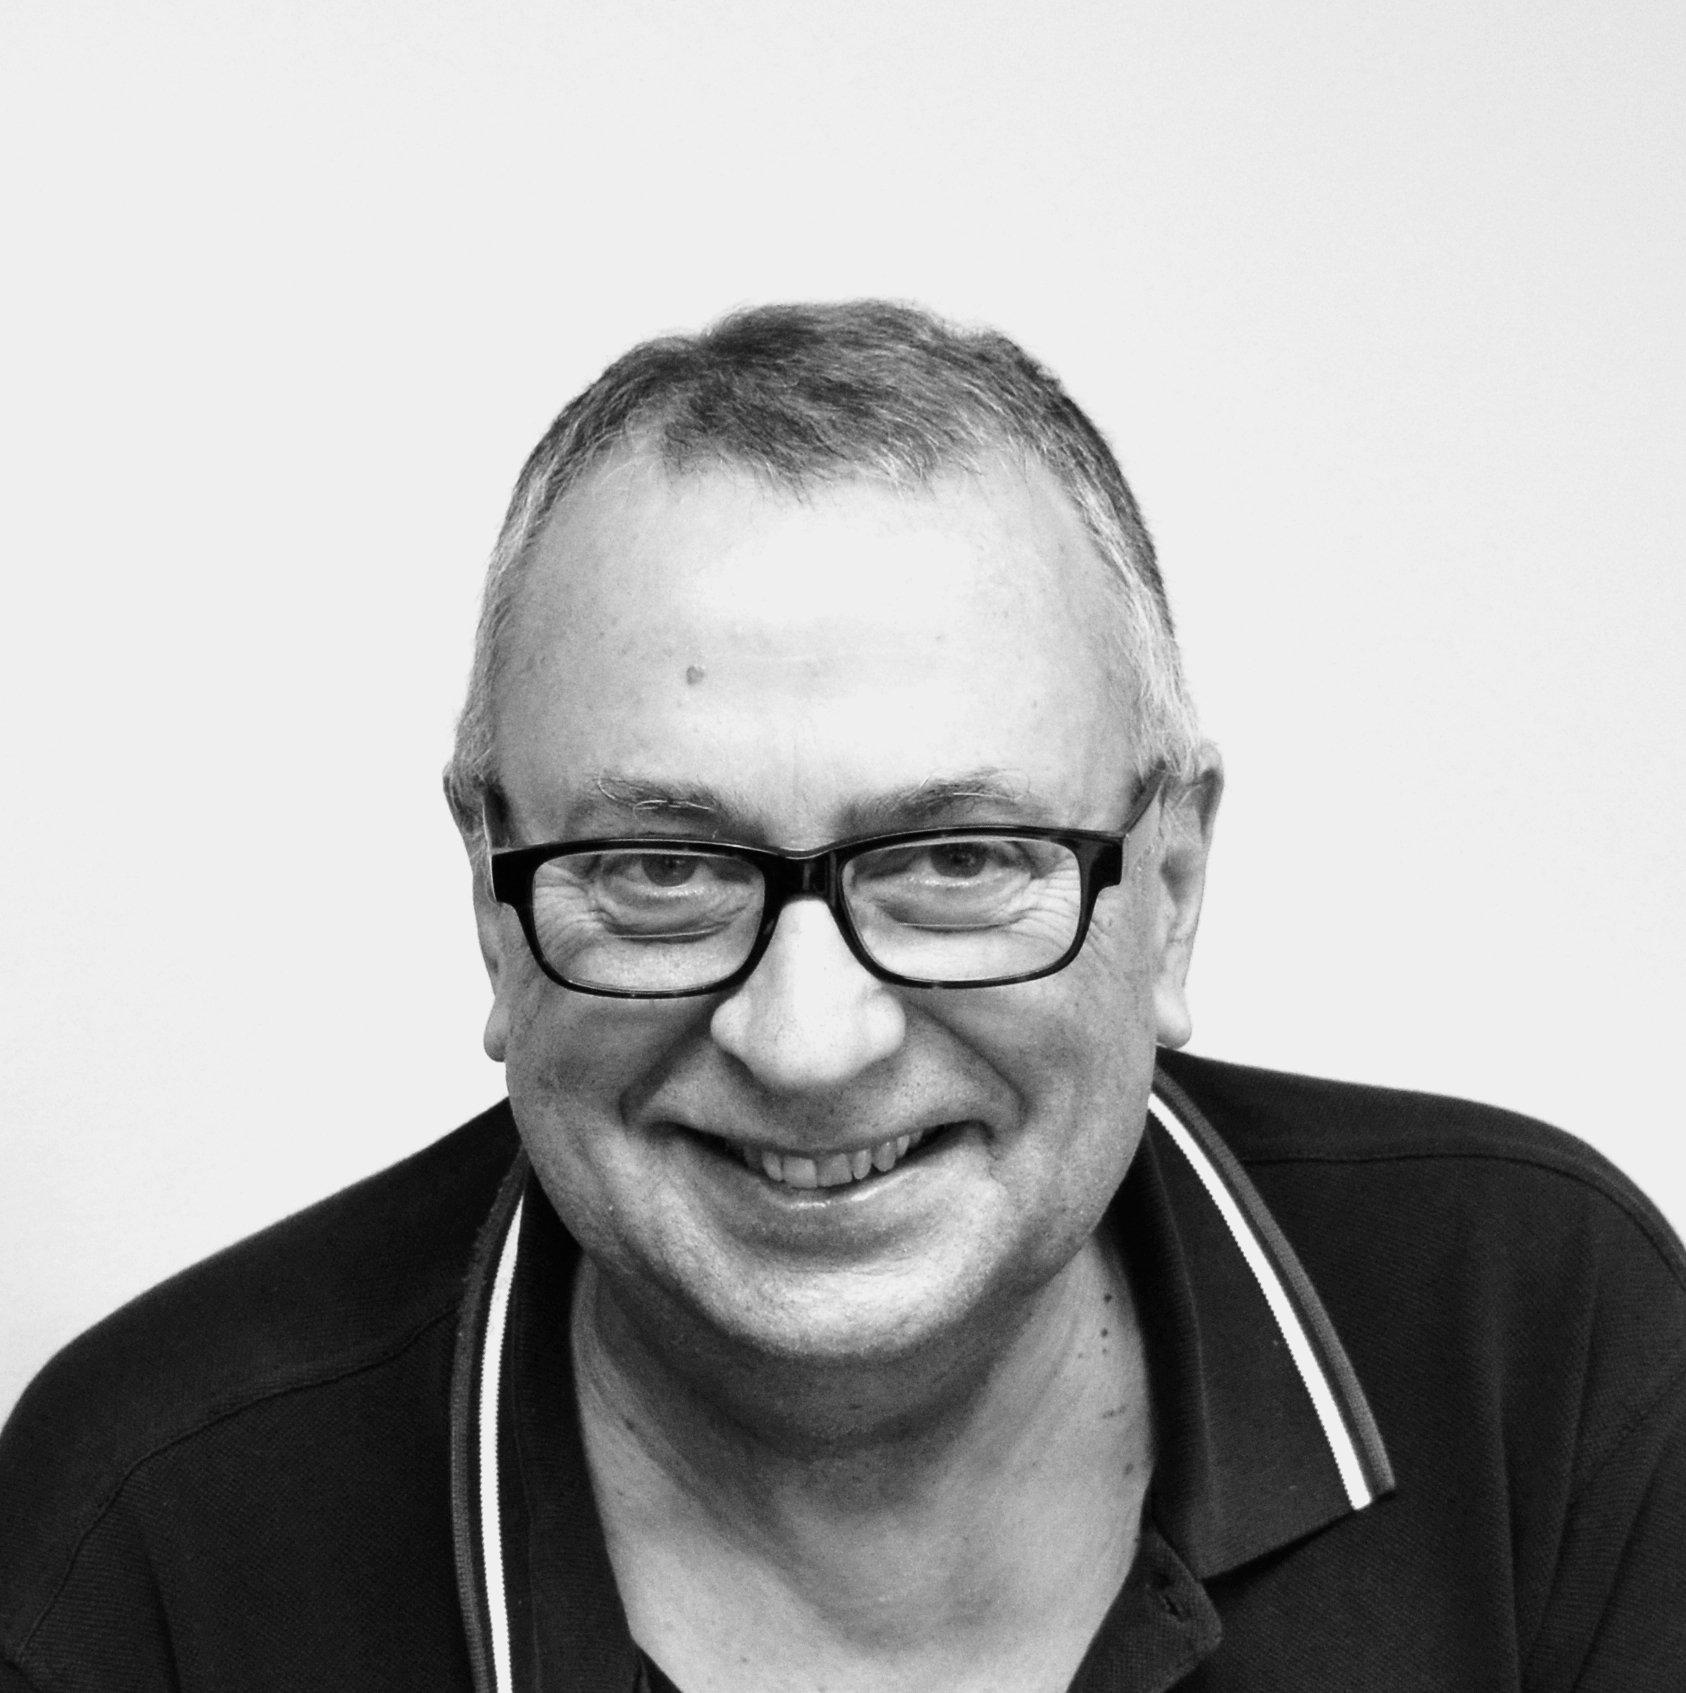 Philippe Carden, MA, FCA